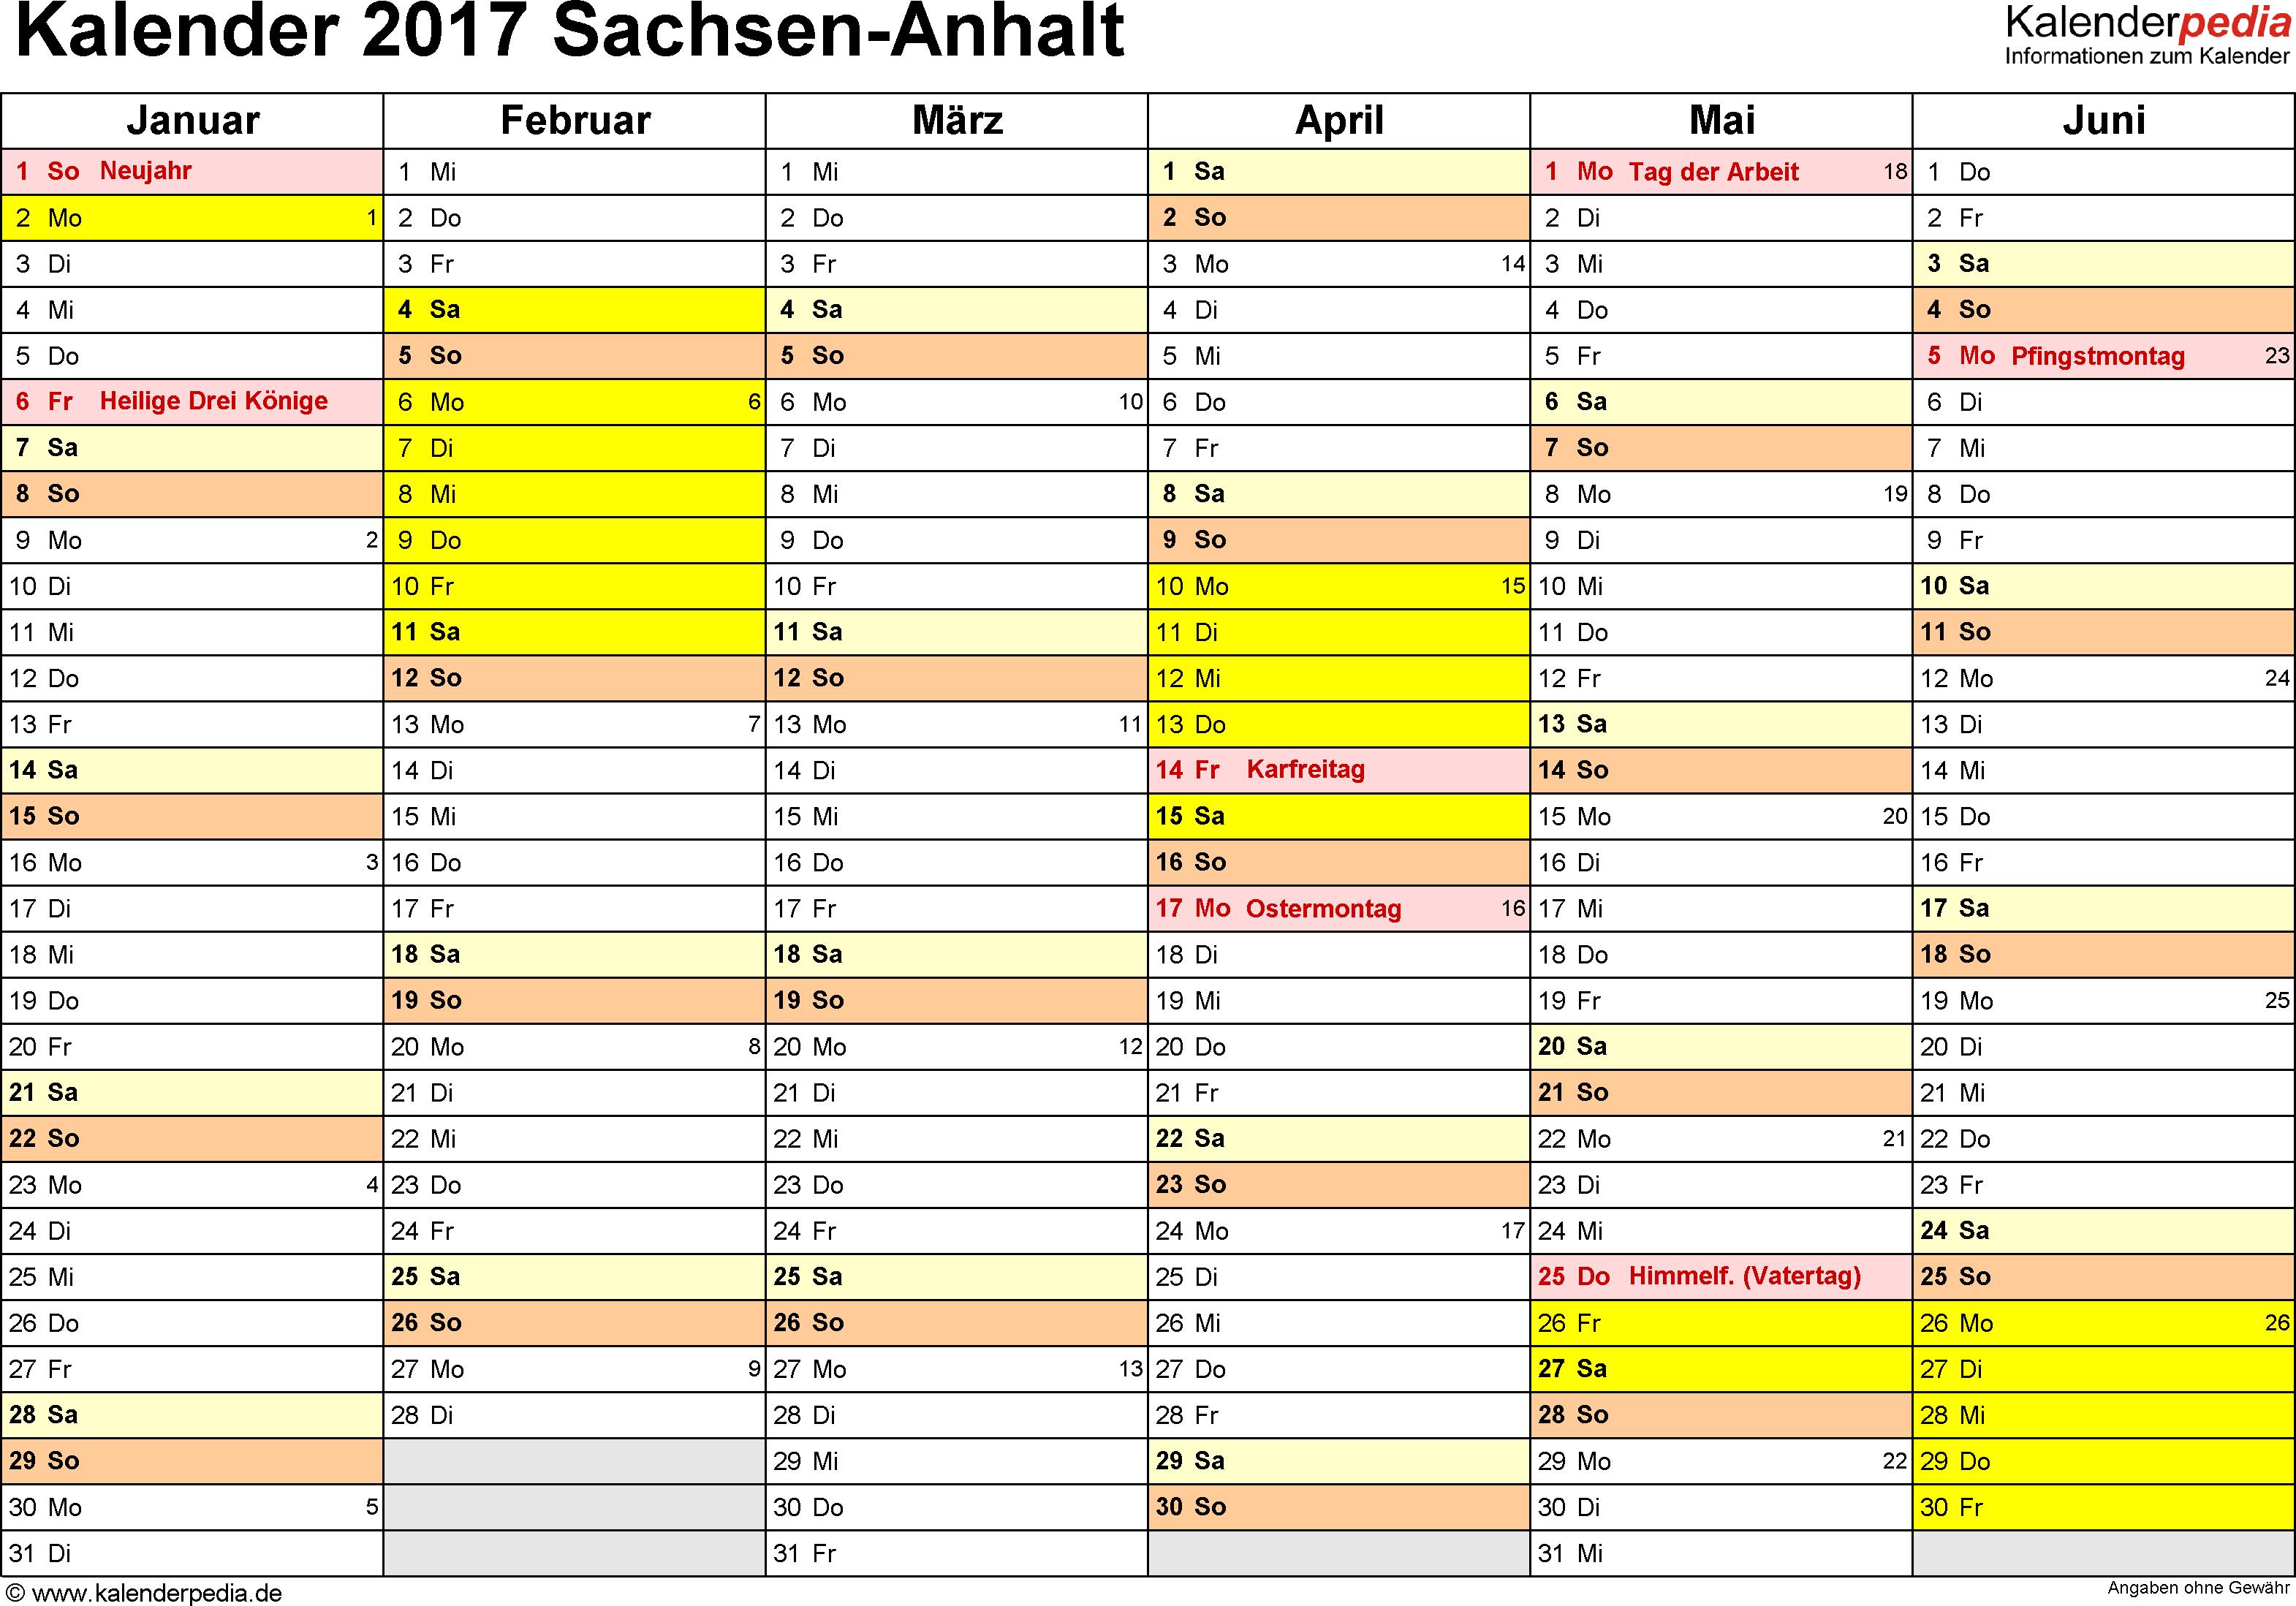 Vorlage 2: Kalender 2017 für Sachsen-Anhalt als Excel-Vorlage (Querformat, 2 Seiten)